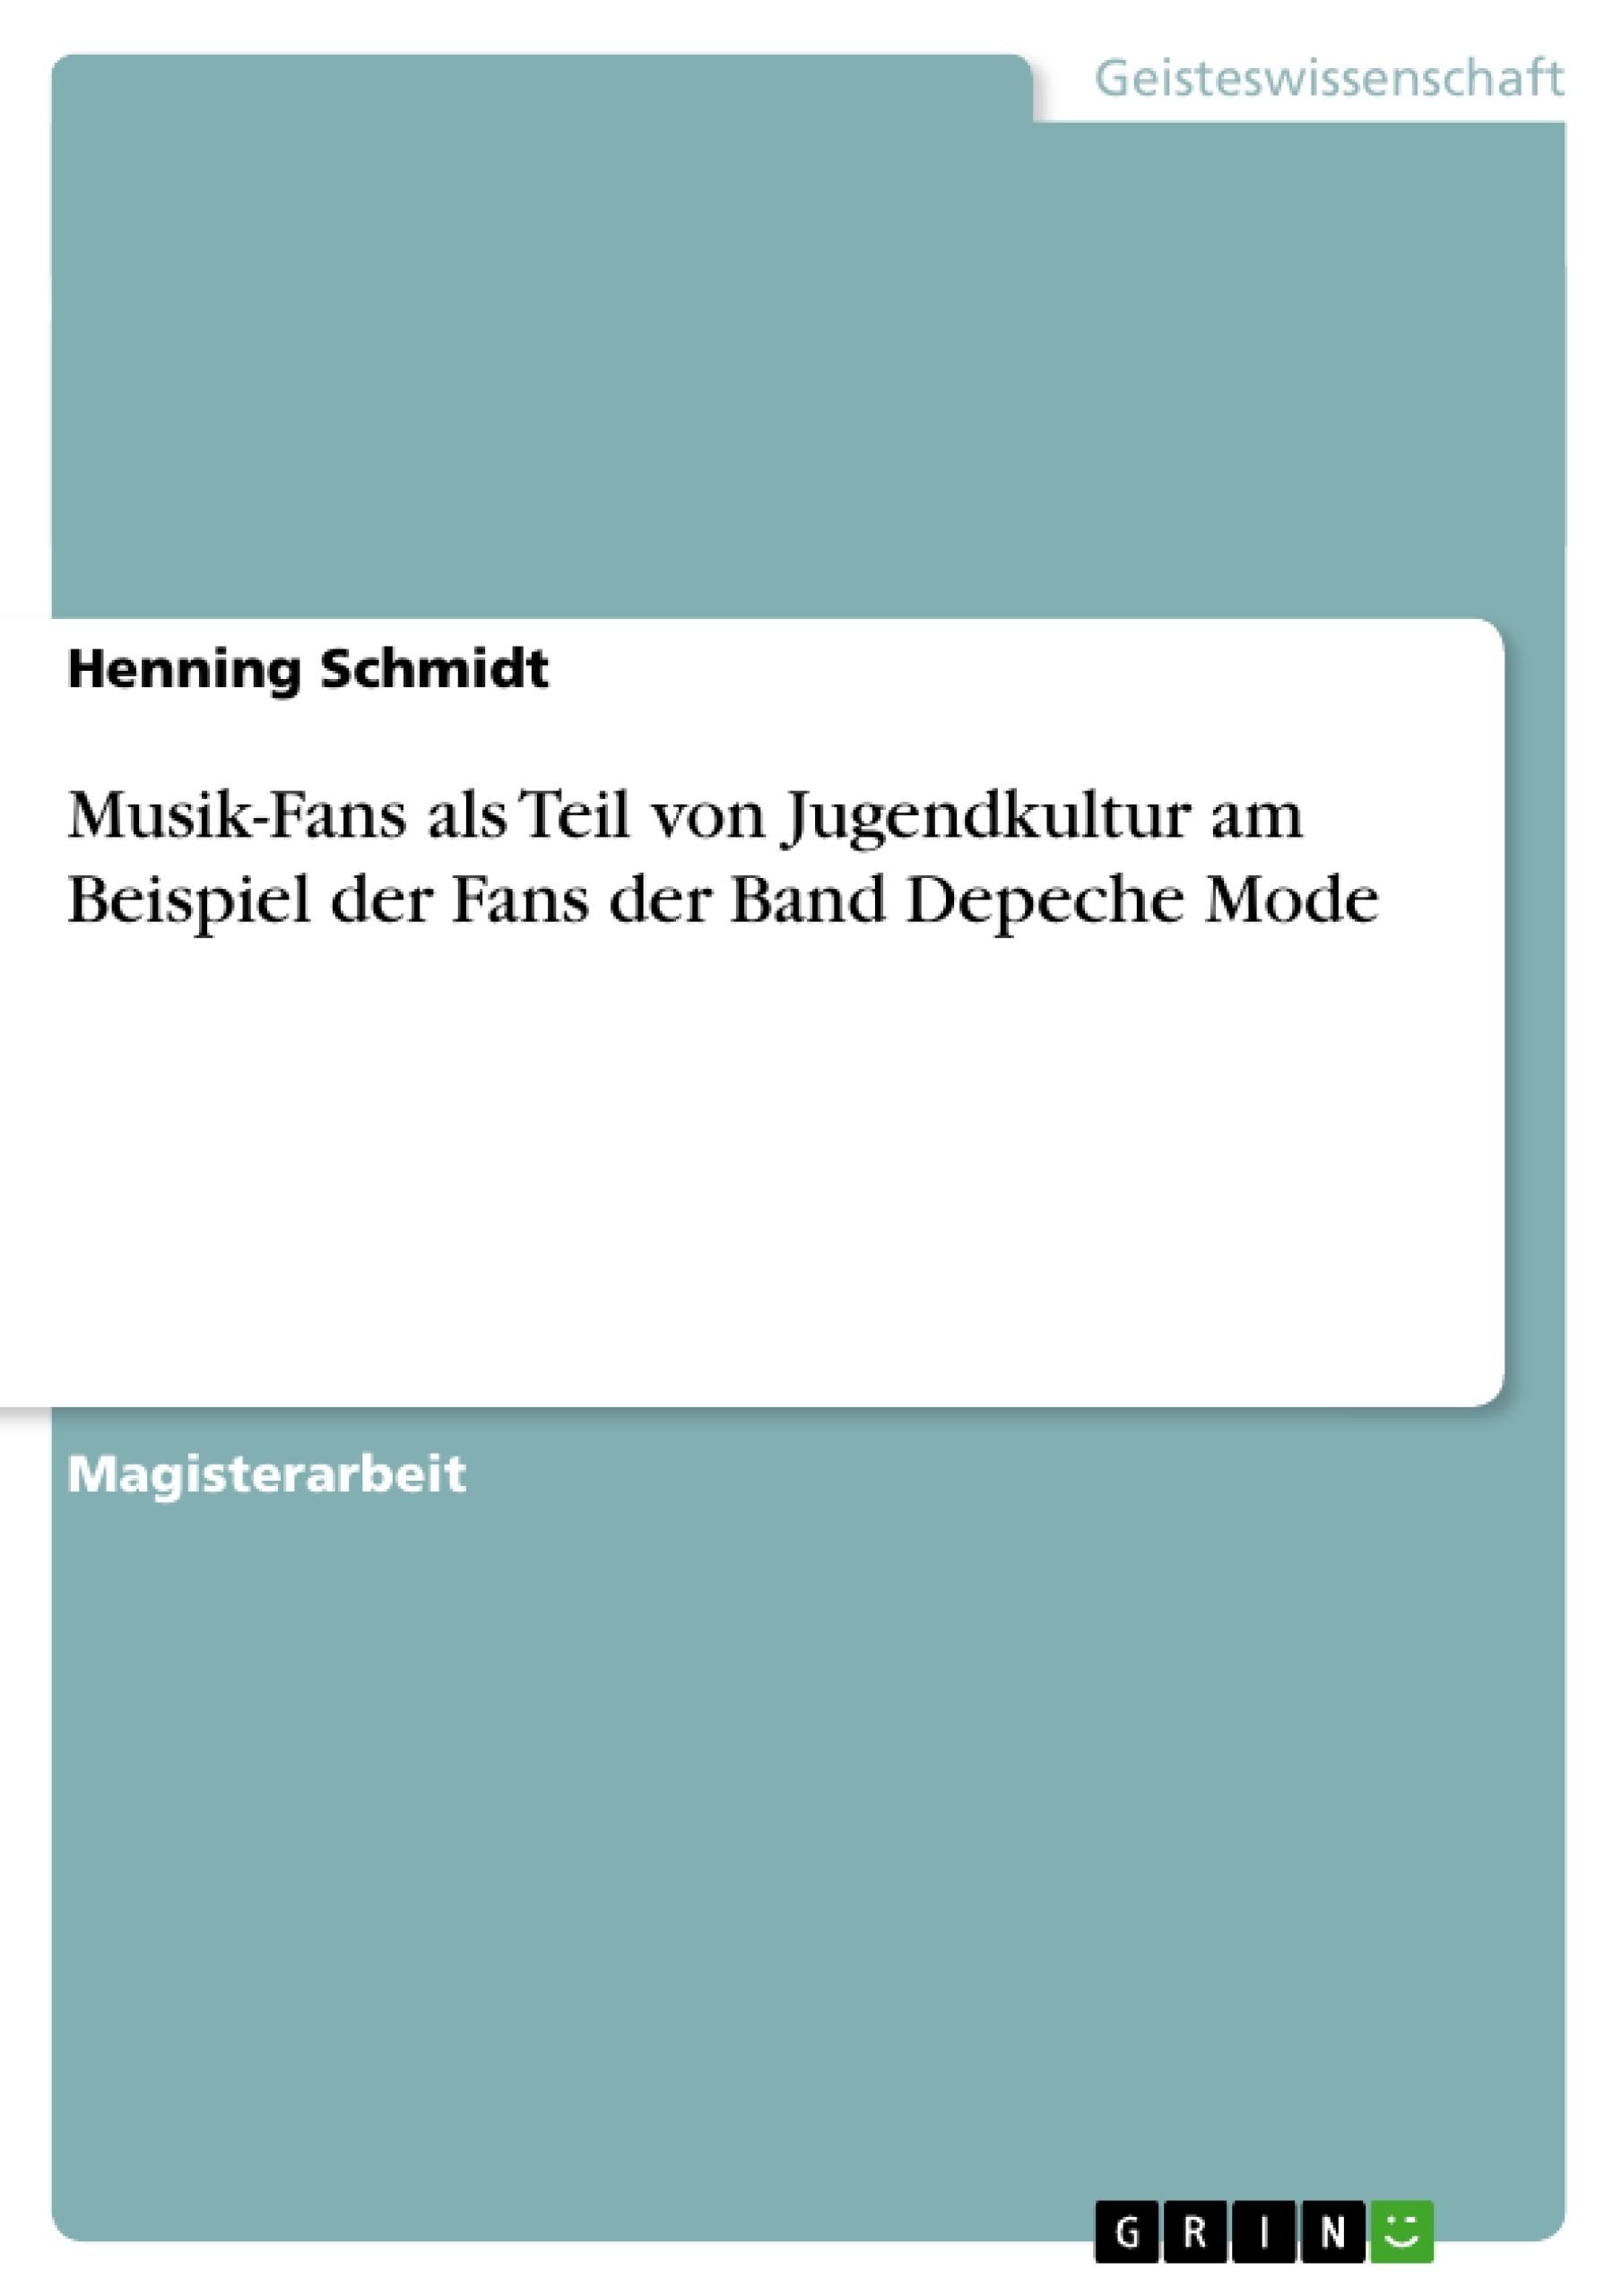 Titel: Musik-Fans als Teil von Jugendkultur am Beispiel der Fans der Band Depeche Mode